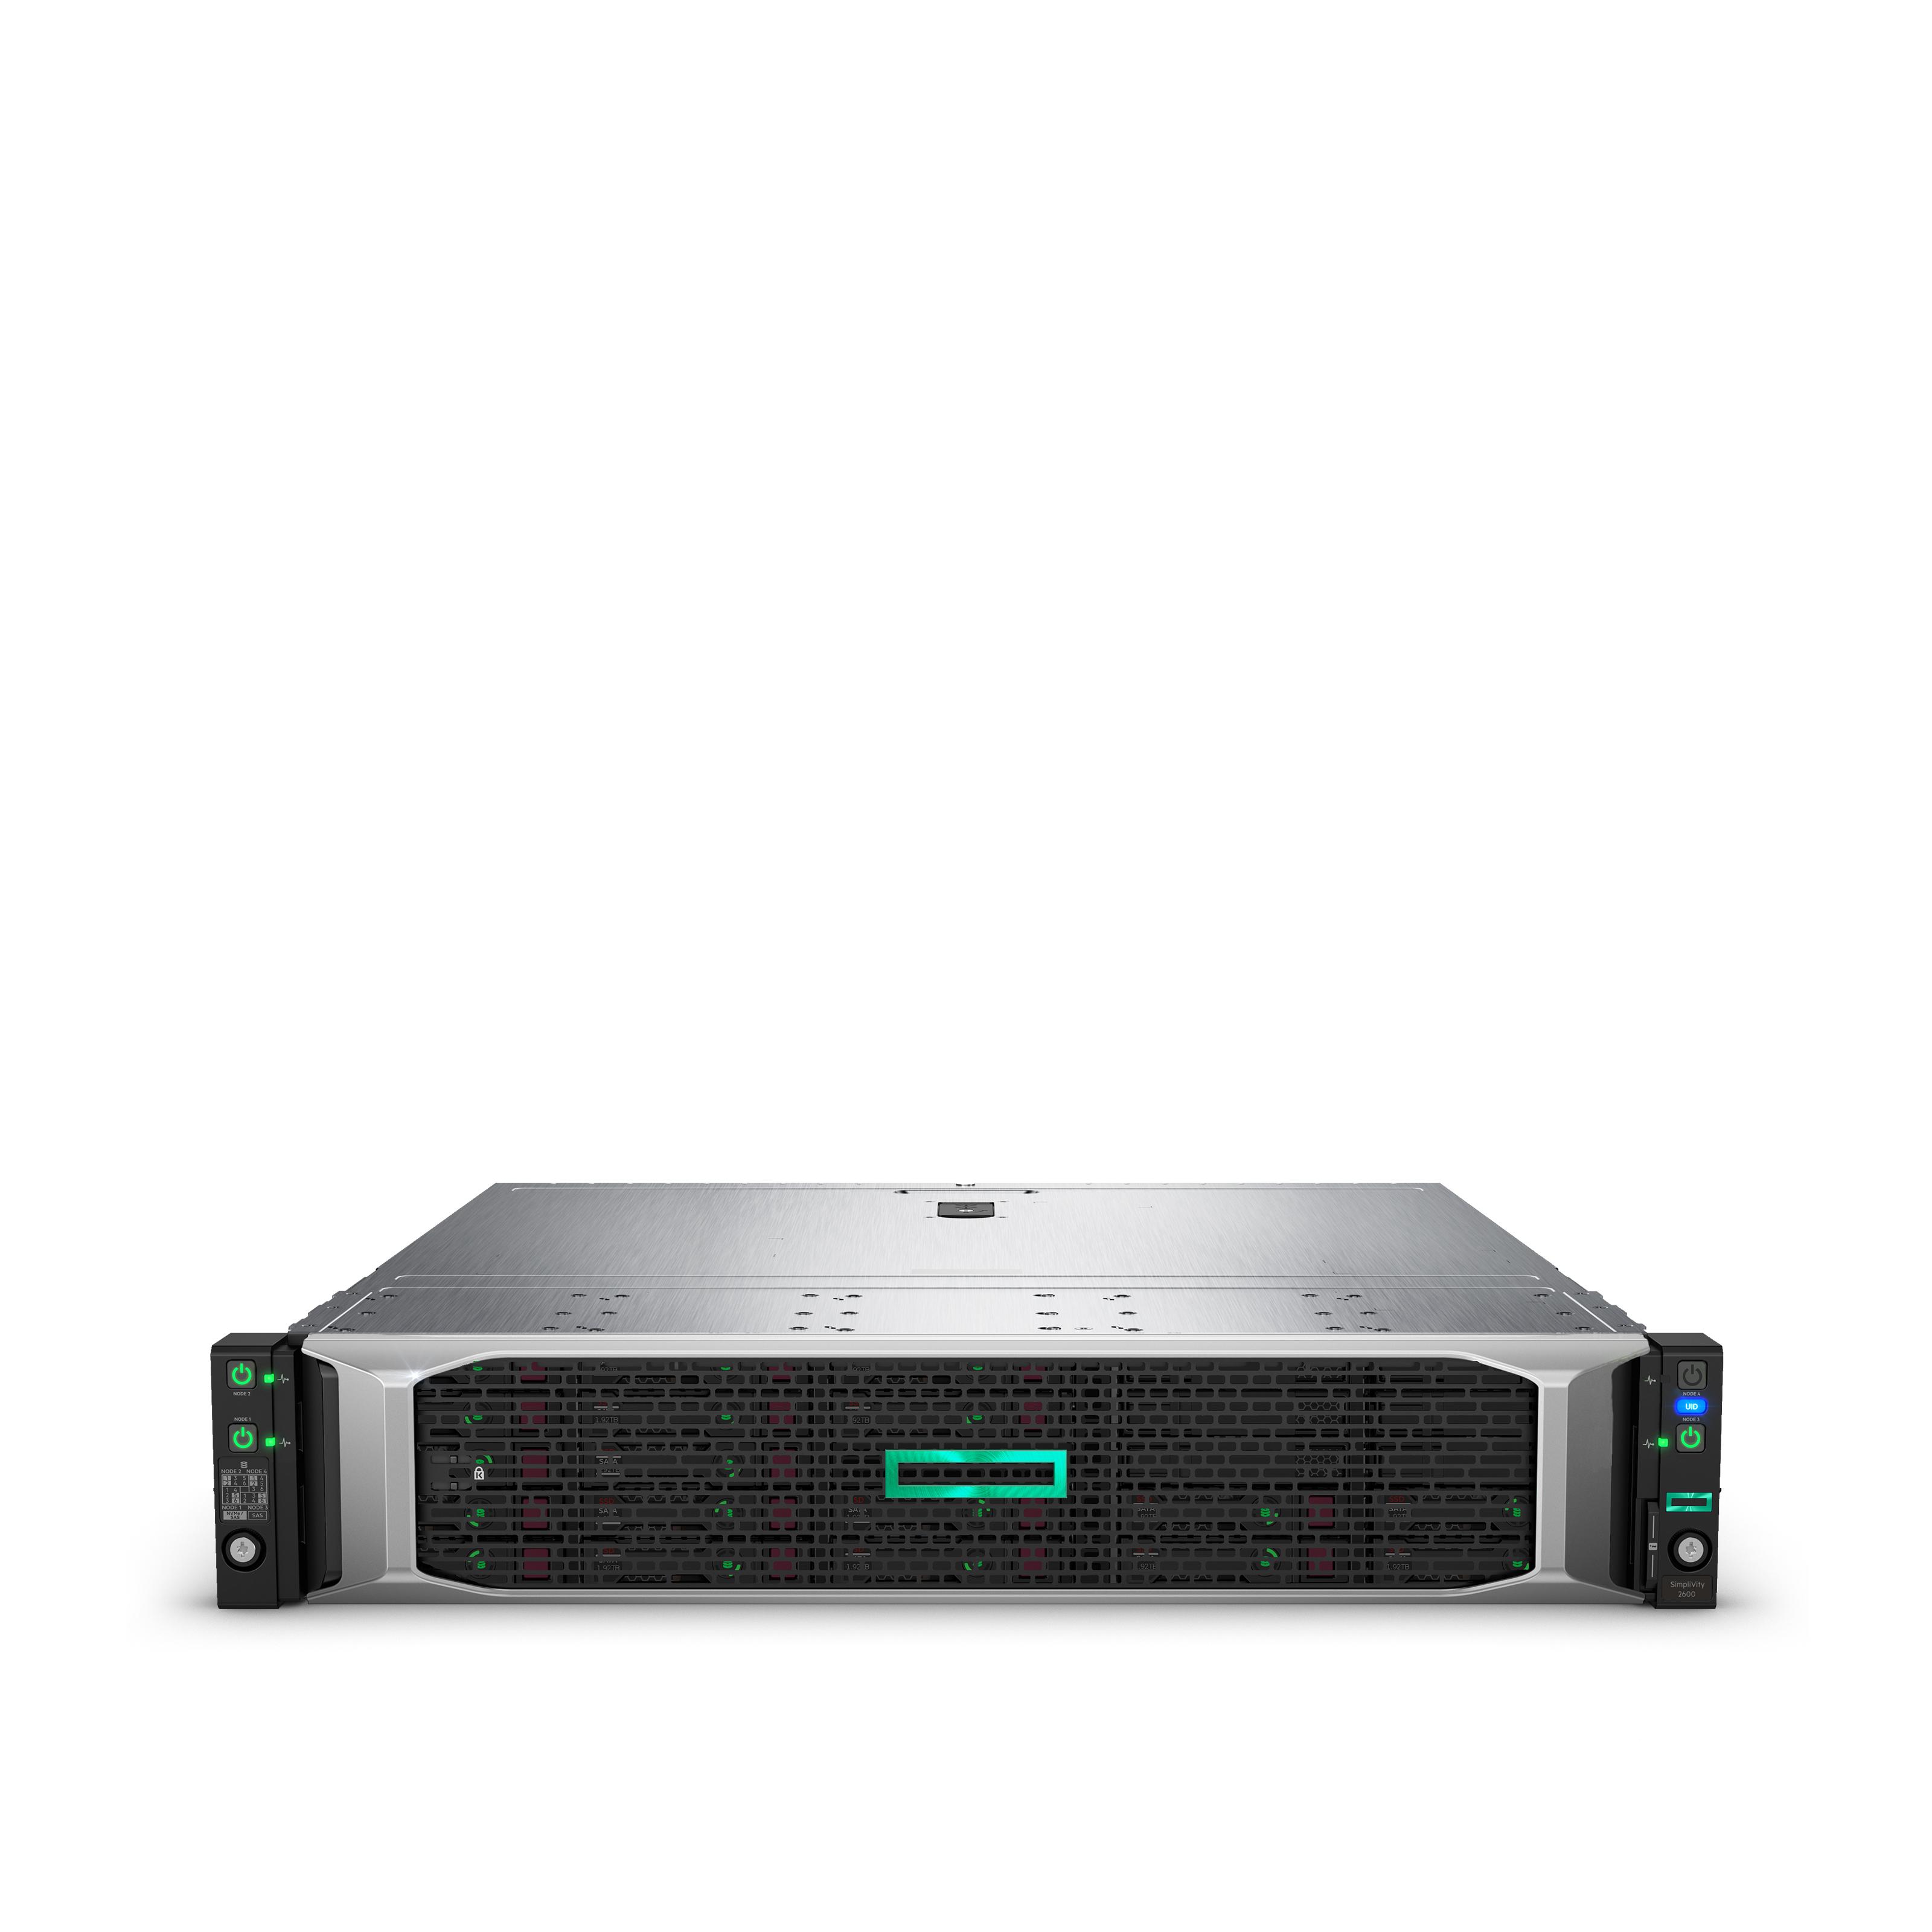 HPE SimpliVity DL2600